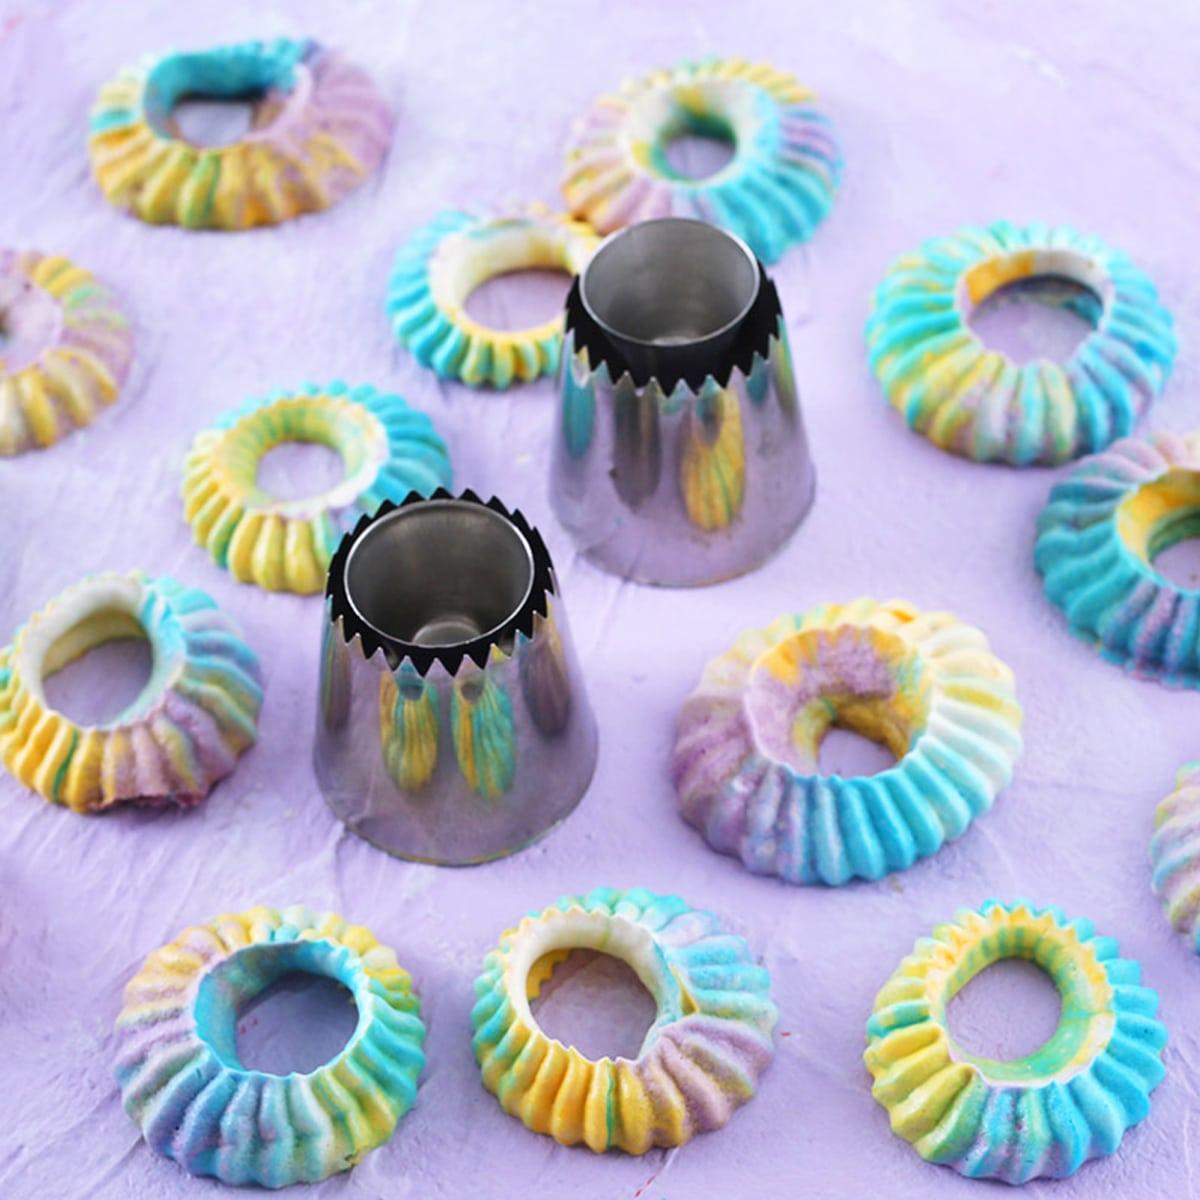 2 stks Bakken DIY Cookie Piping Nozzle